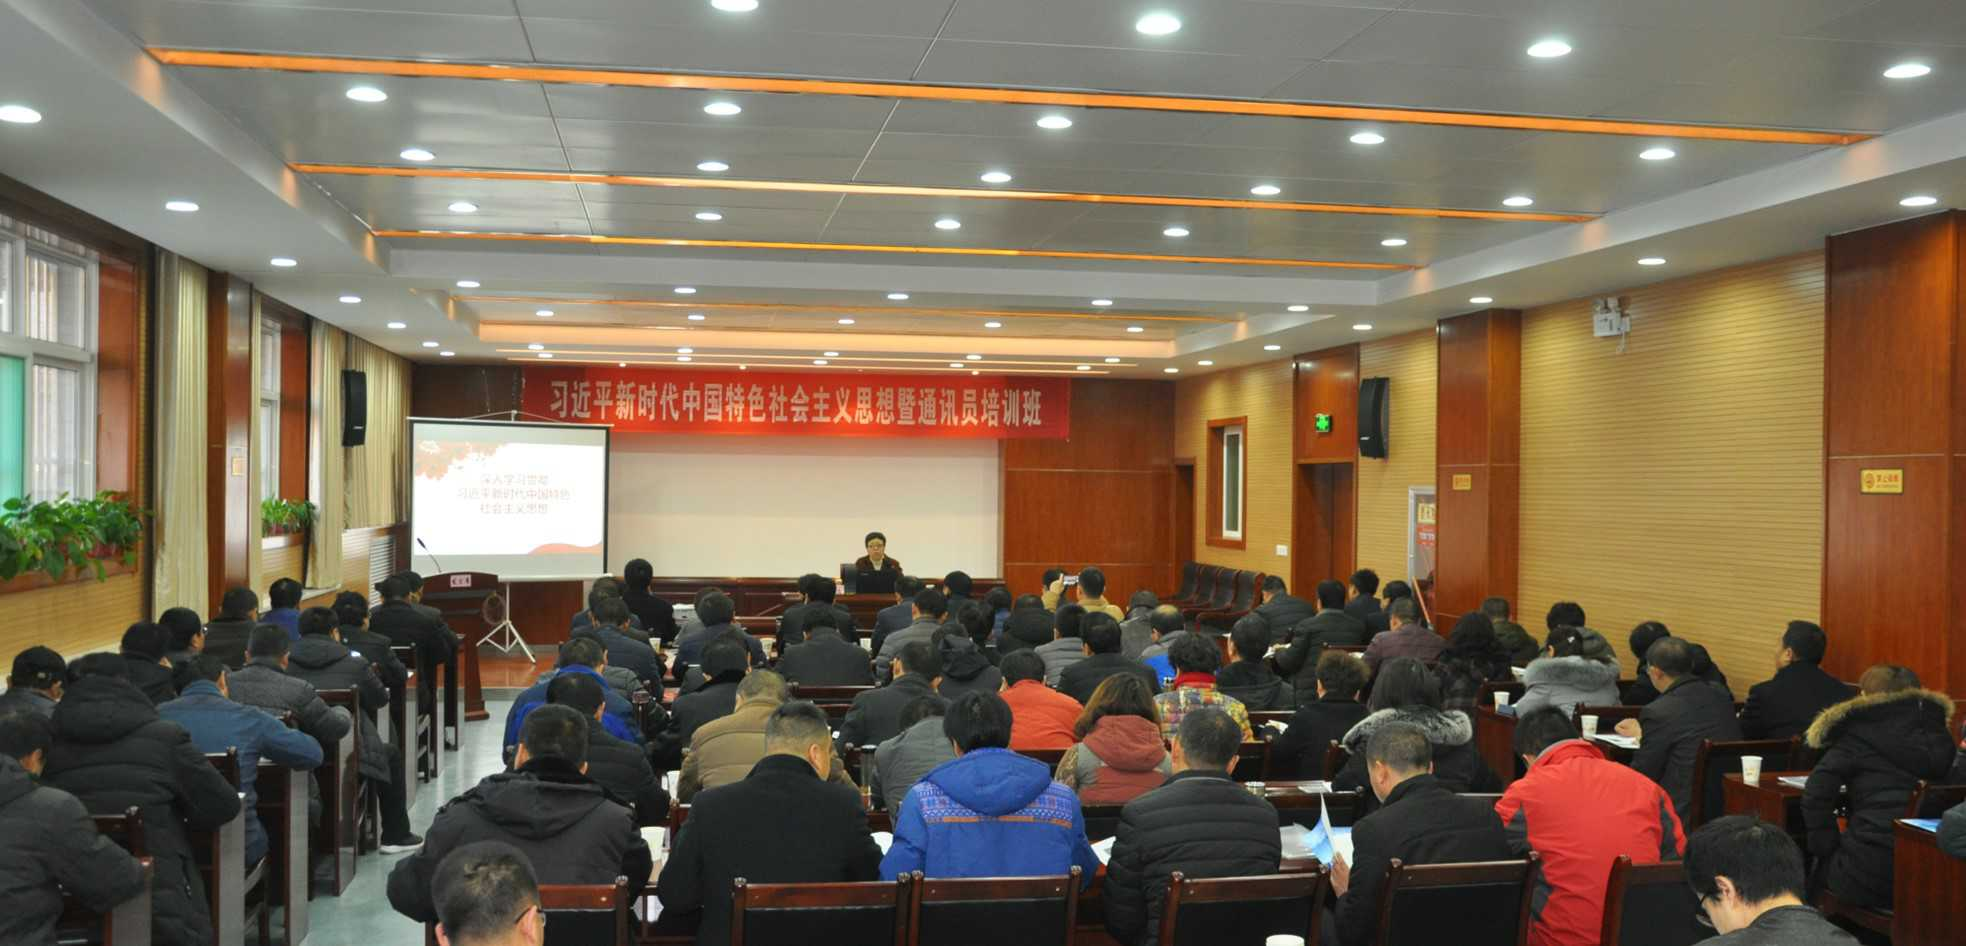 优德88 ios-W优德88博彩-w88win举办习近平新时代中国特色 社会主义思想培训班